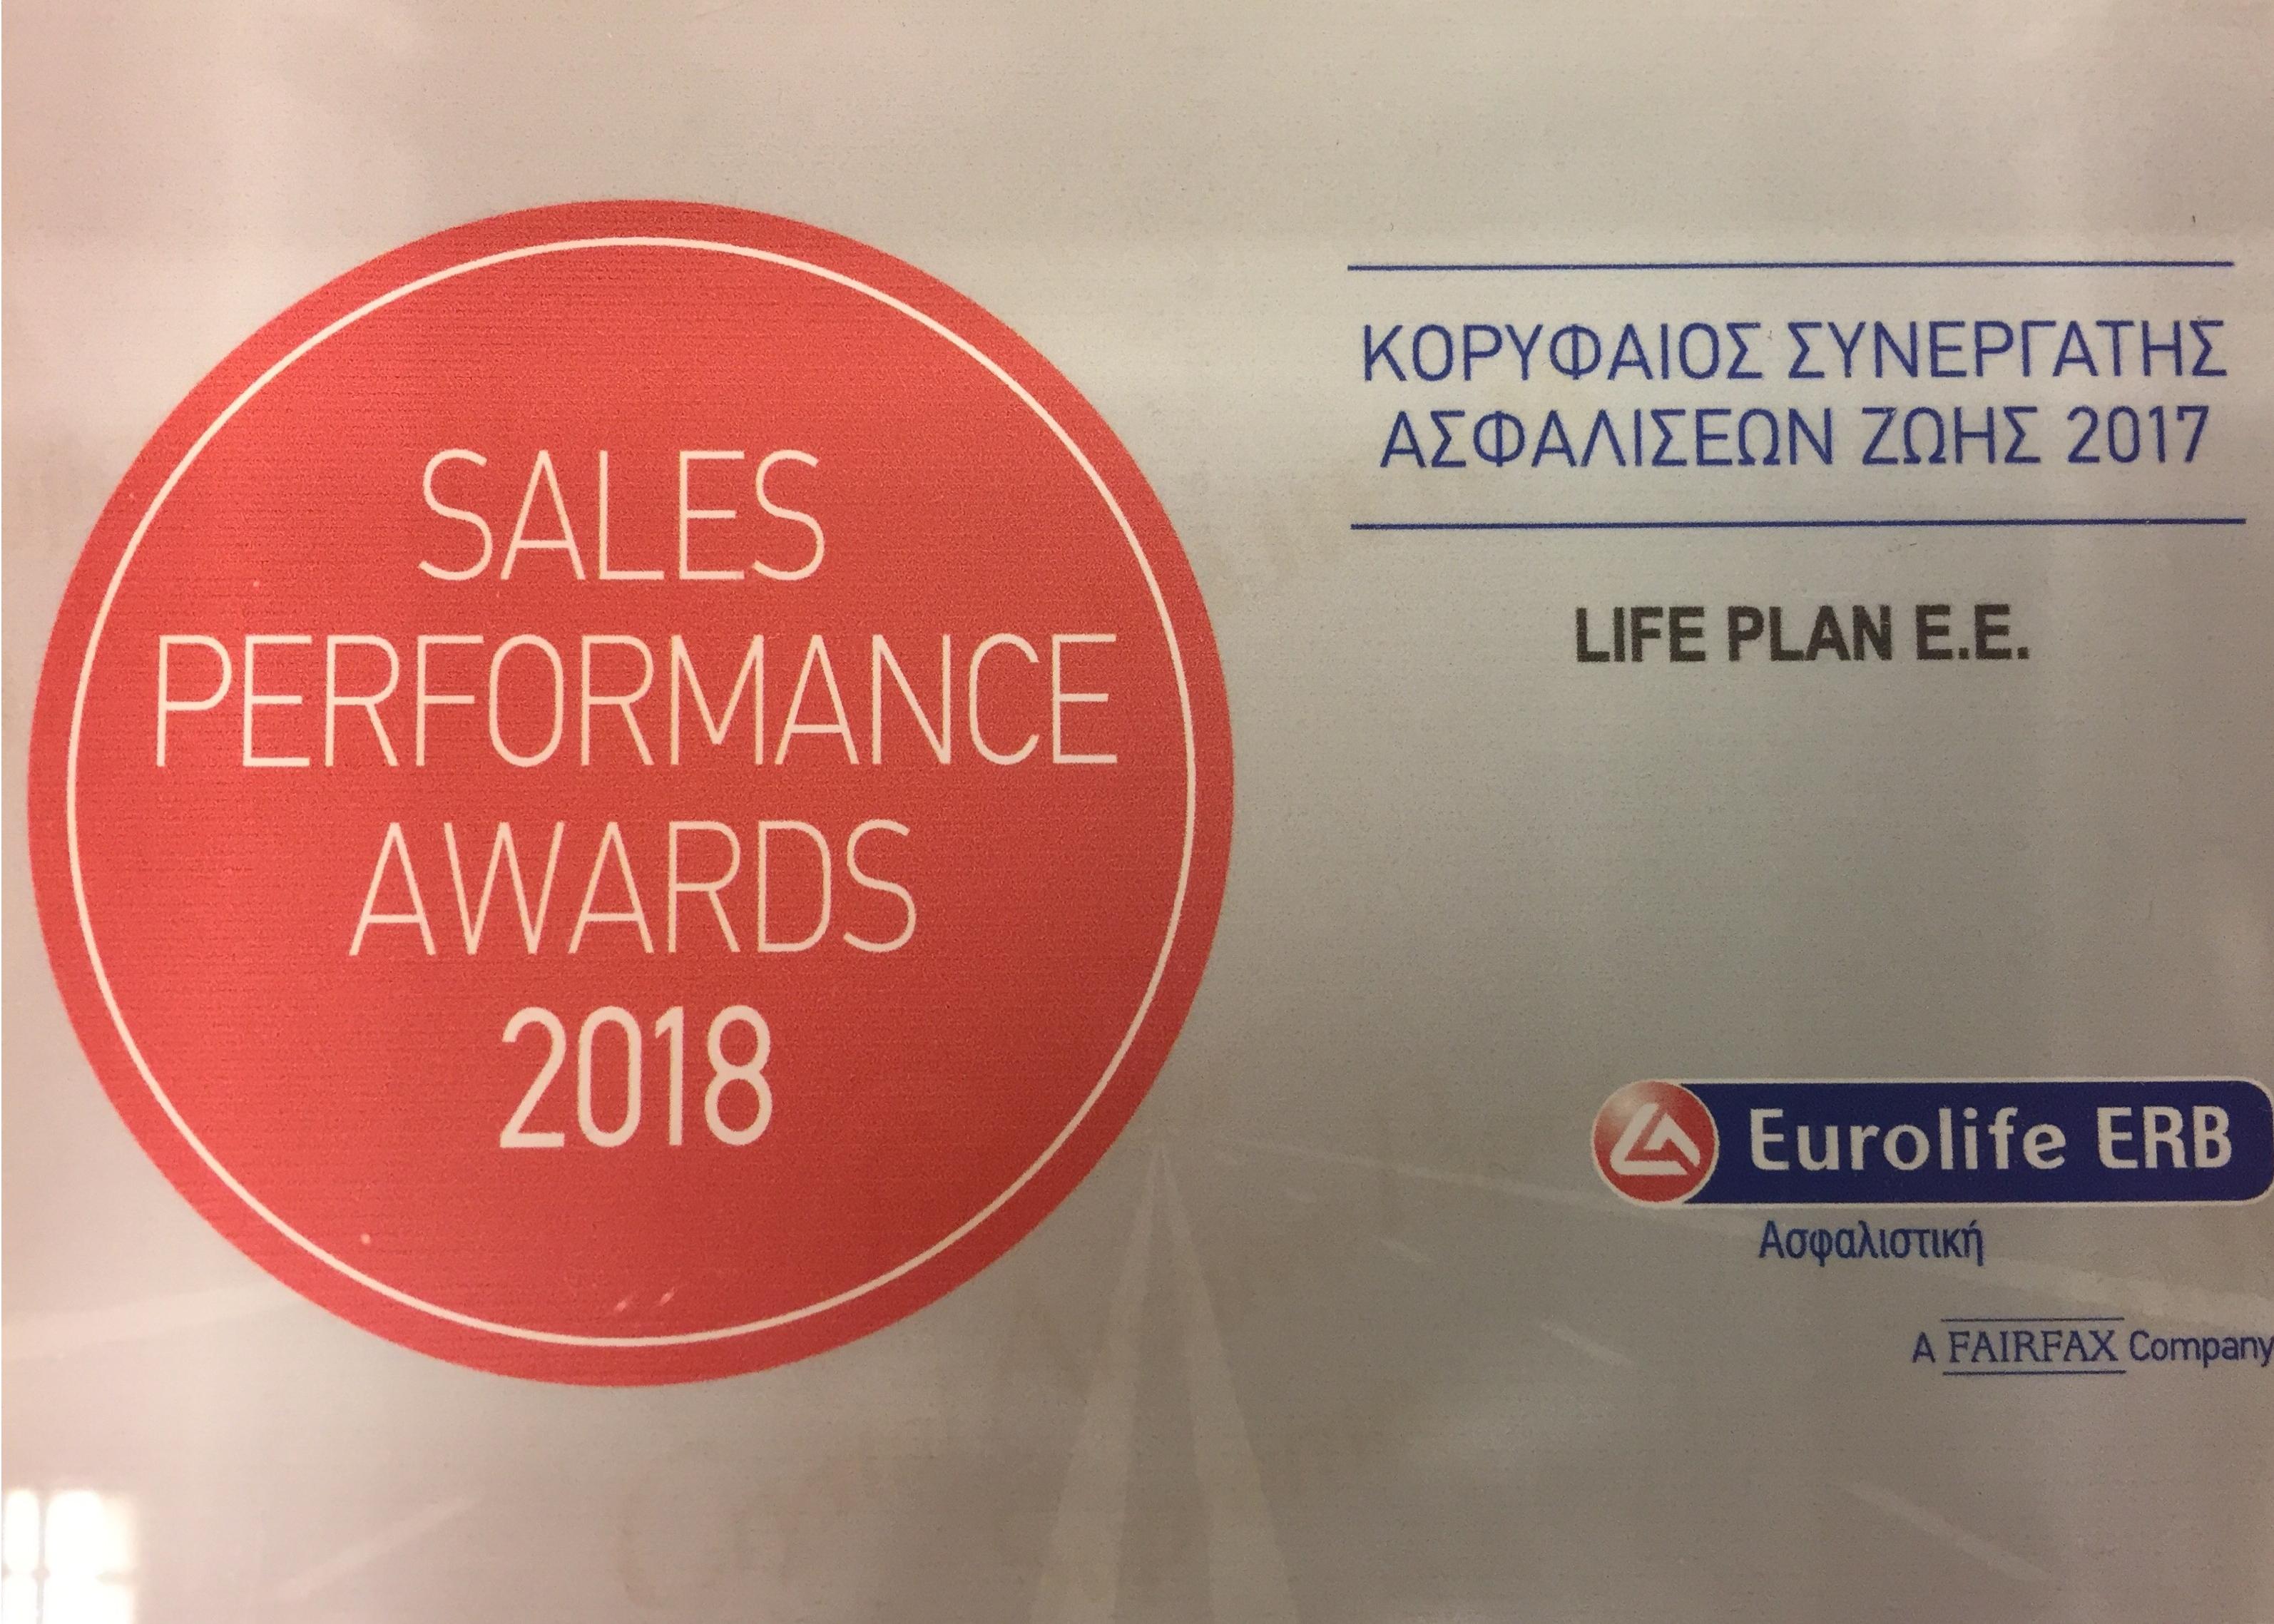 Βράβευση της Life Plan insurance στον ετήσιο διαγωνισμό πωλήσεων της Eurolife ERB